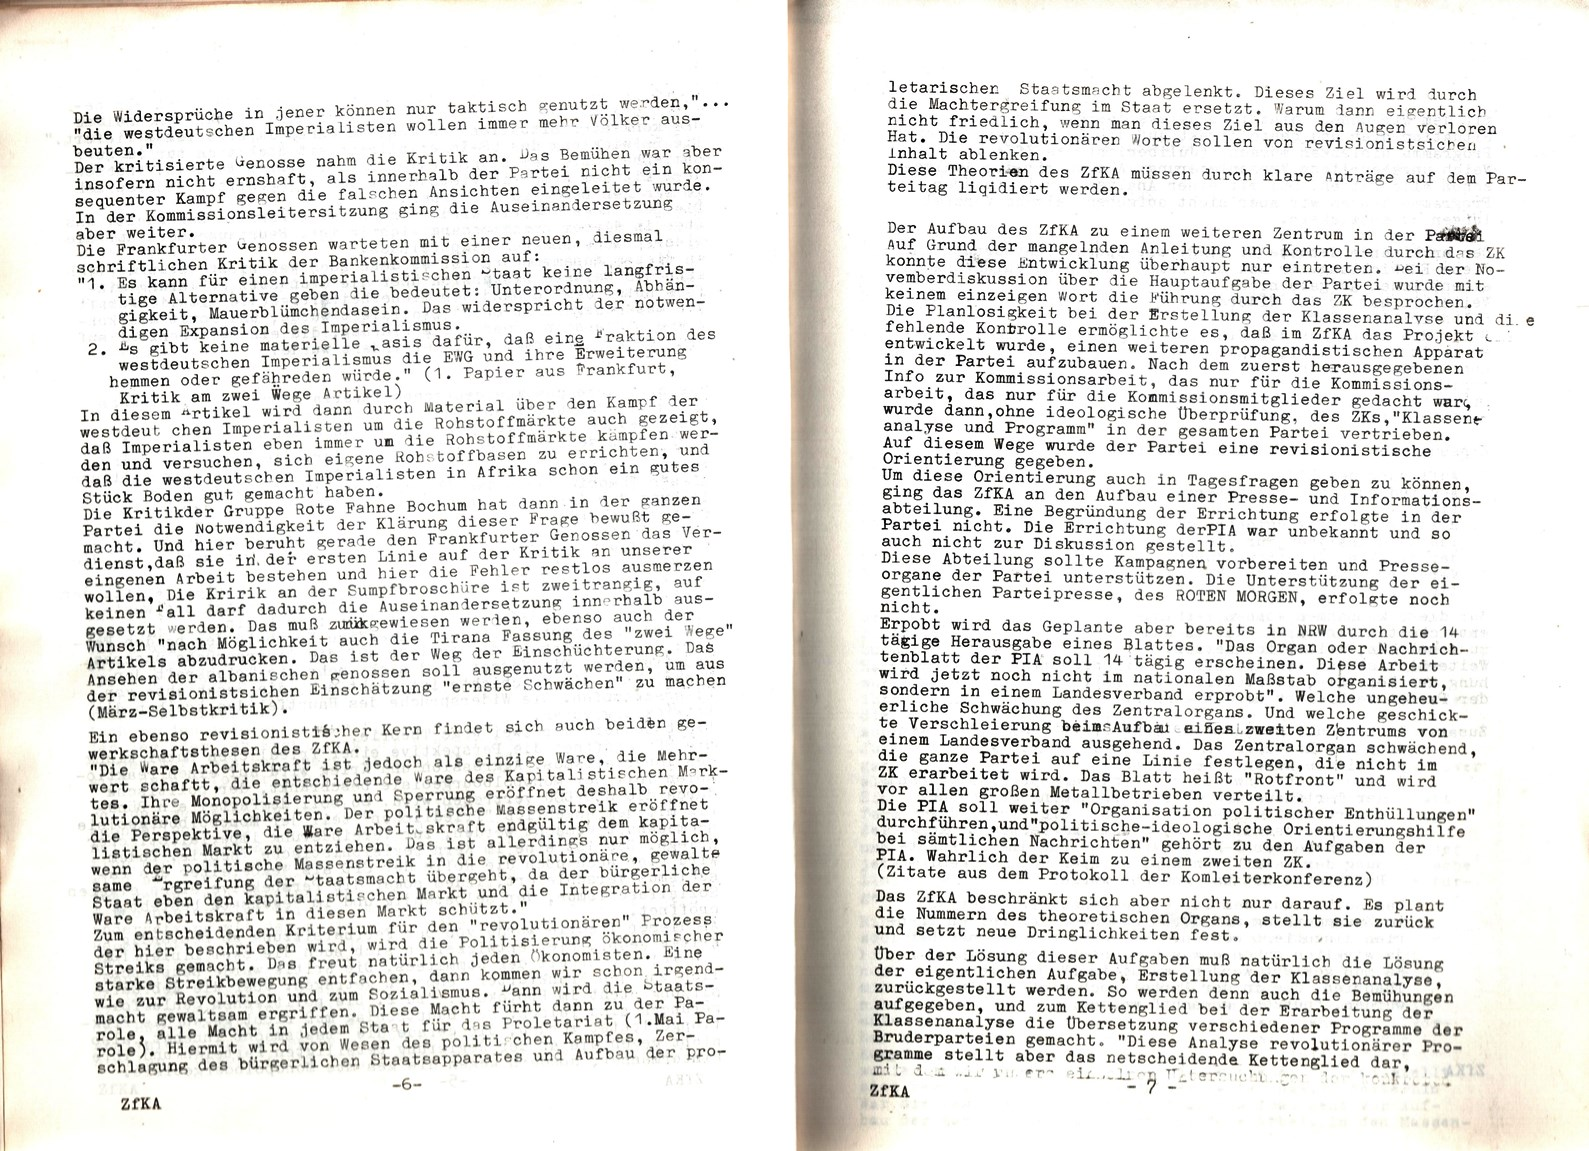 KPDML_1971_Analysen_und_Antraege_des_LV_Sued_West_036